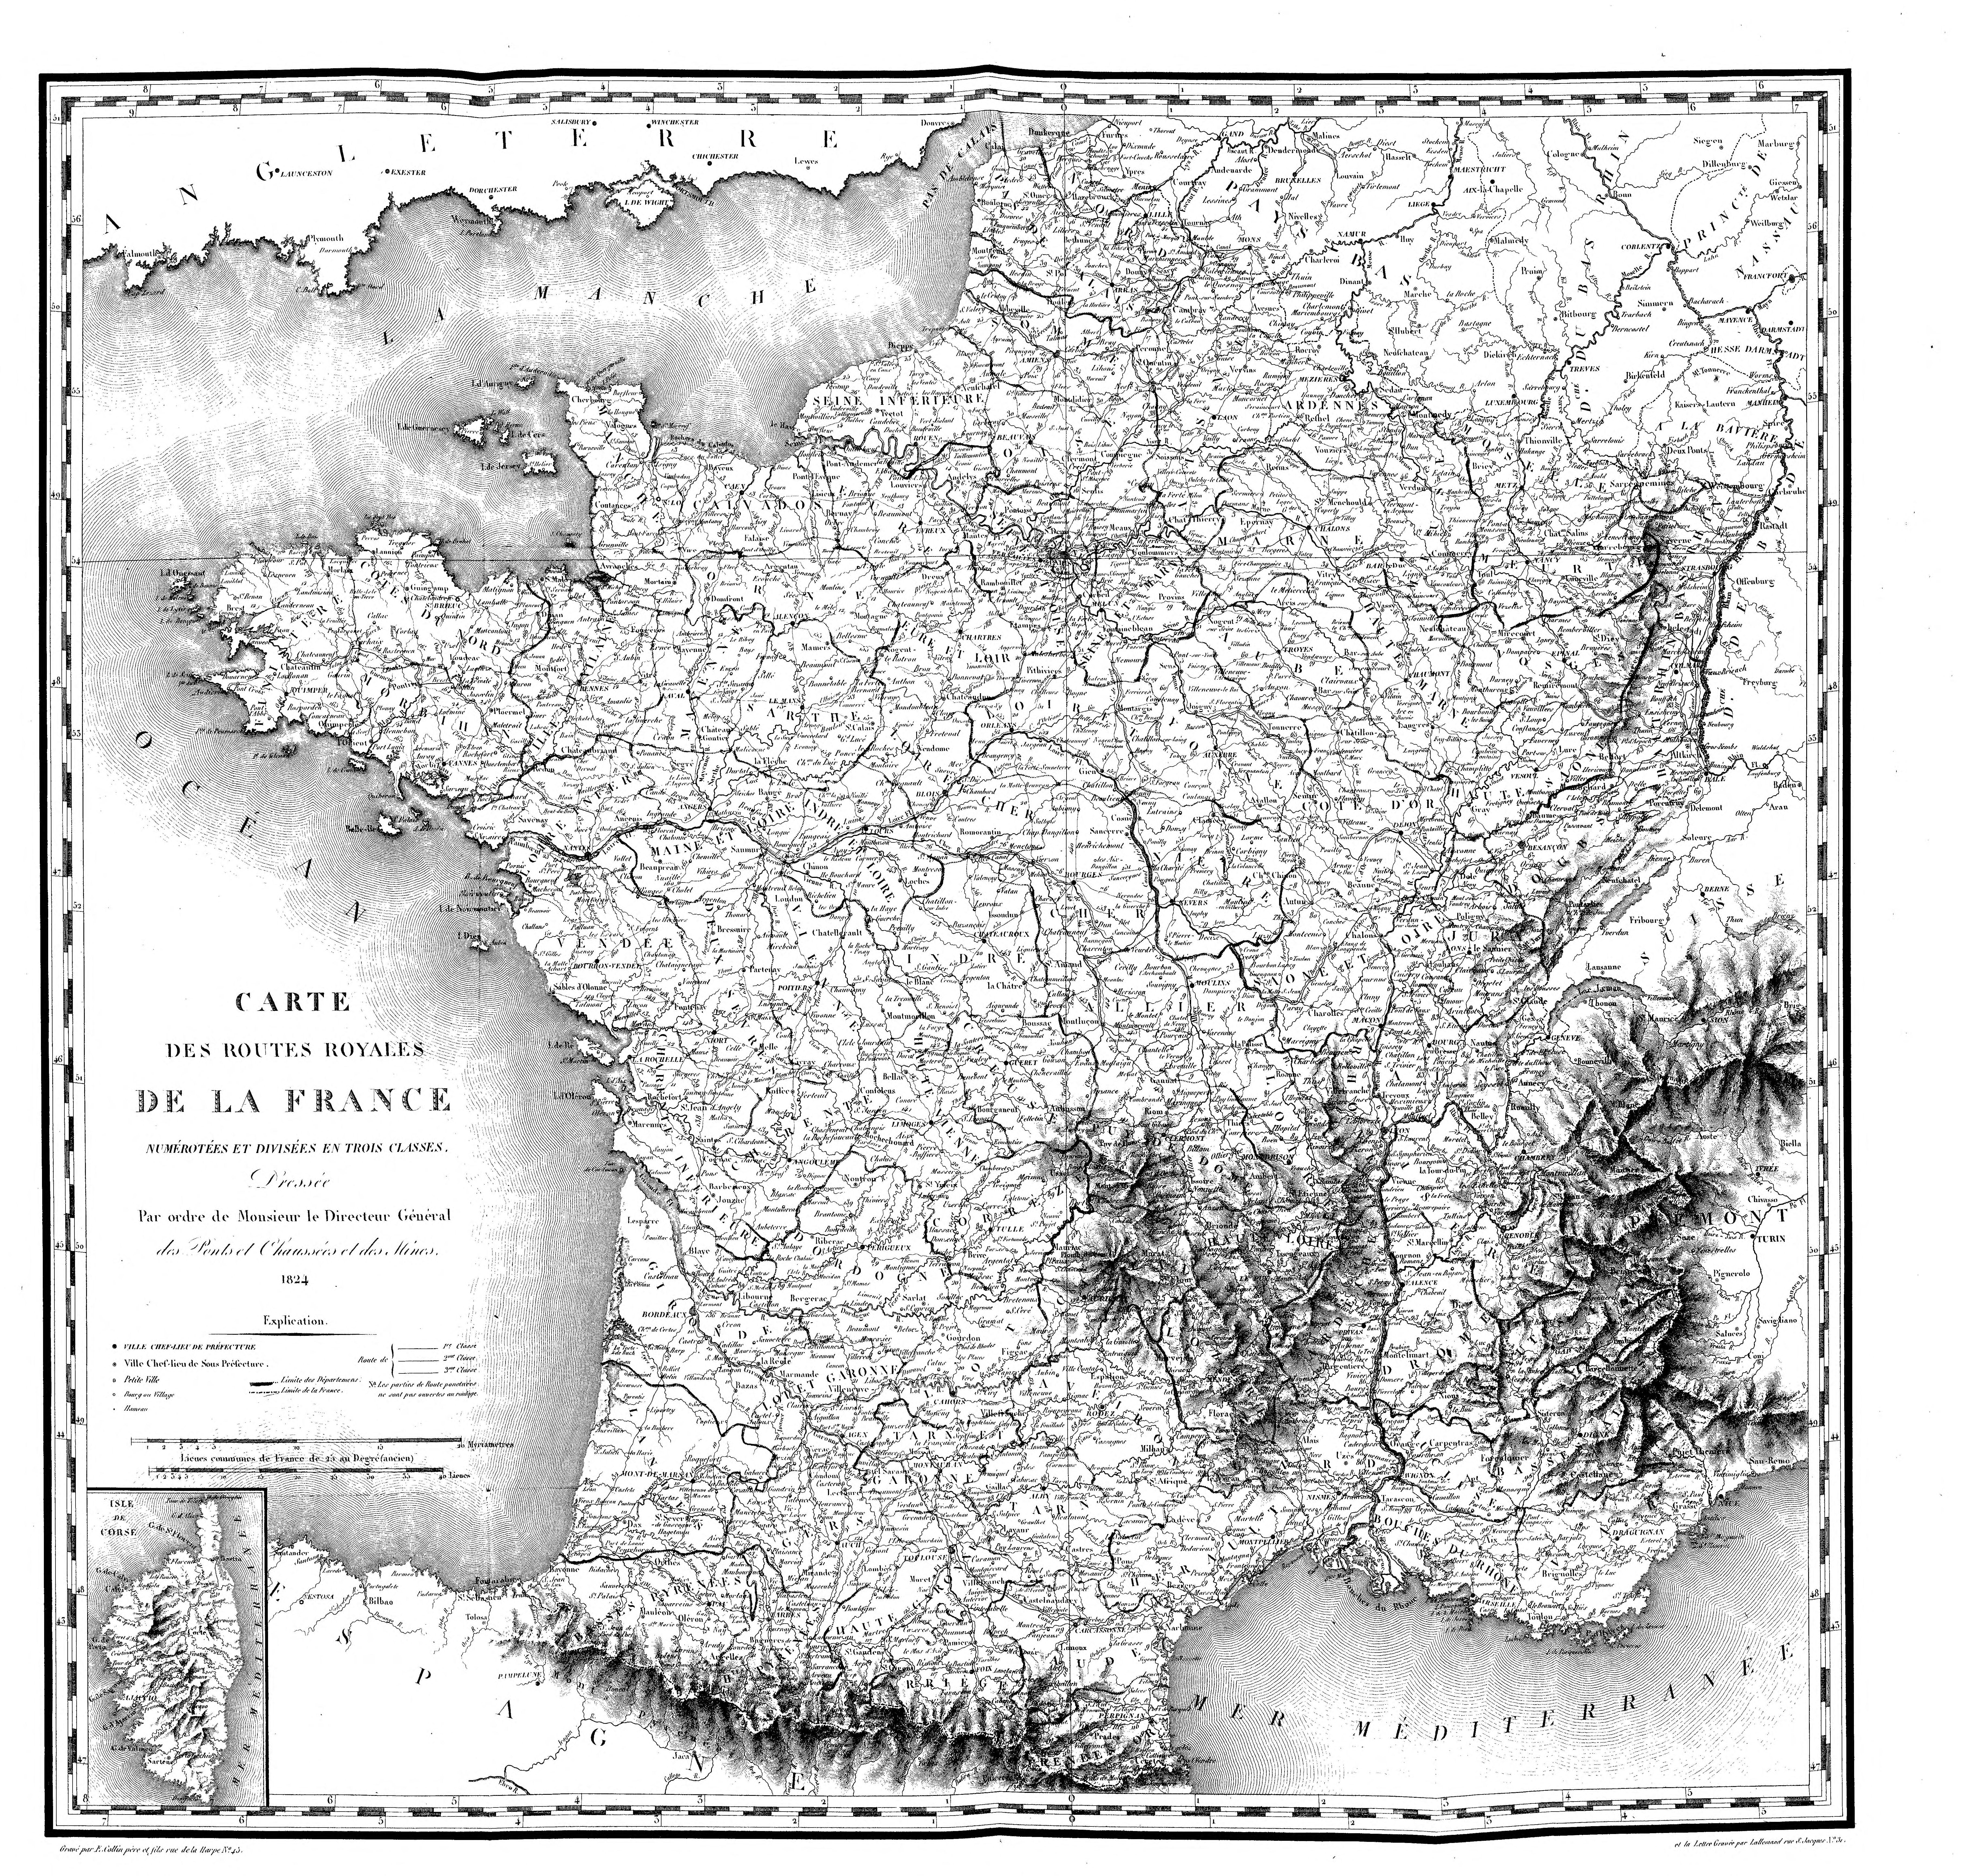 carte de france route File:Carte des routes royales de la France   1824.   Wikimedia